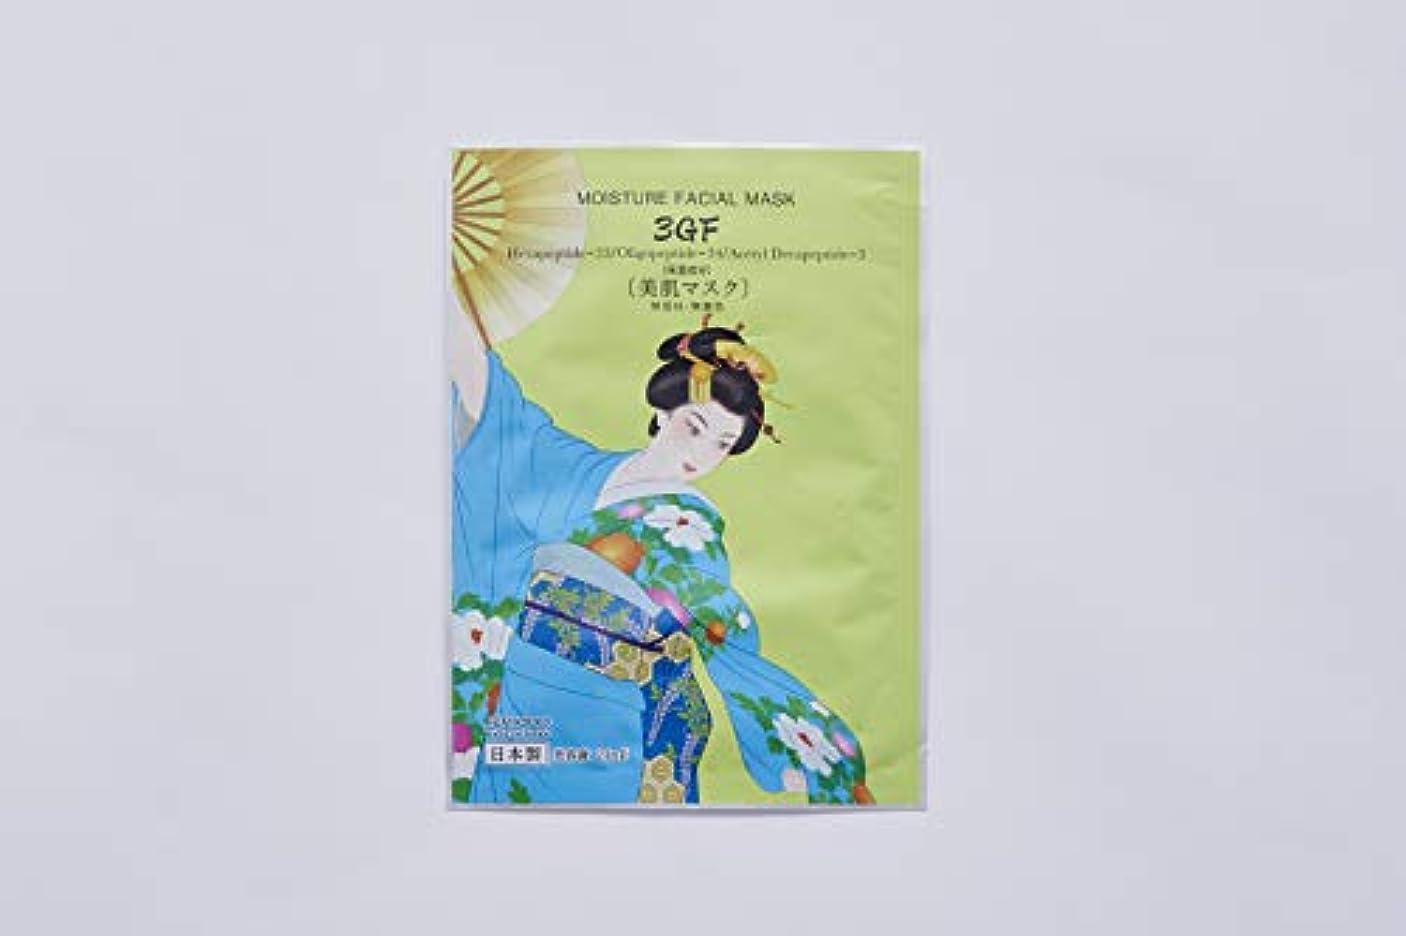 減らす郵便物お誕生日愛粧堂 舞妓マスク 3GF 10枚セット